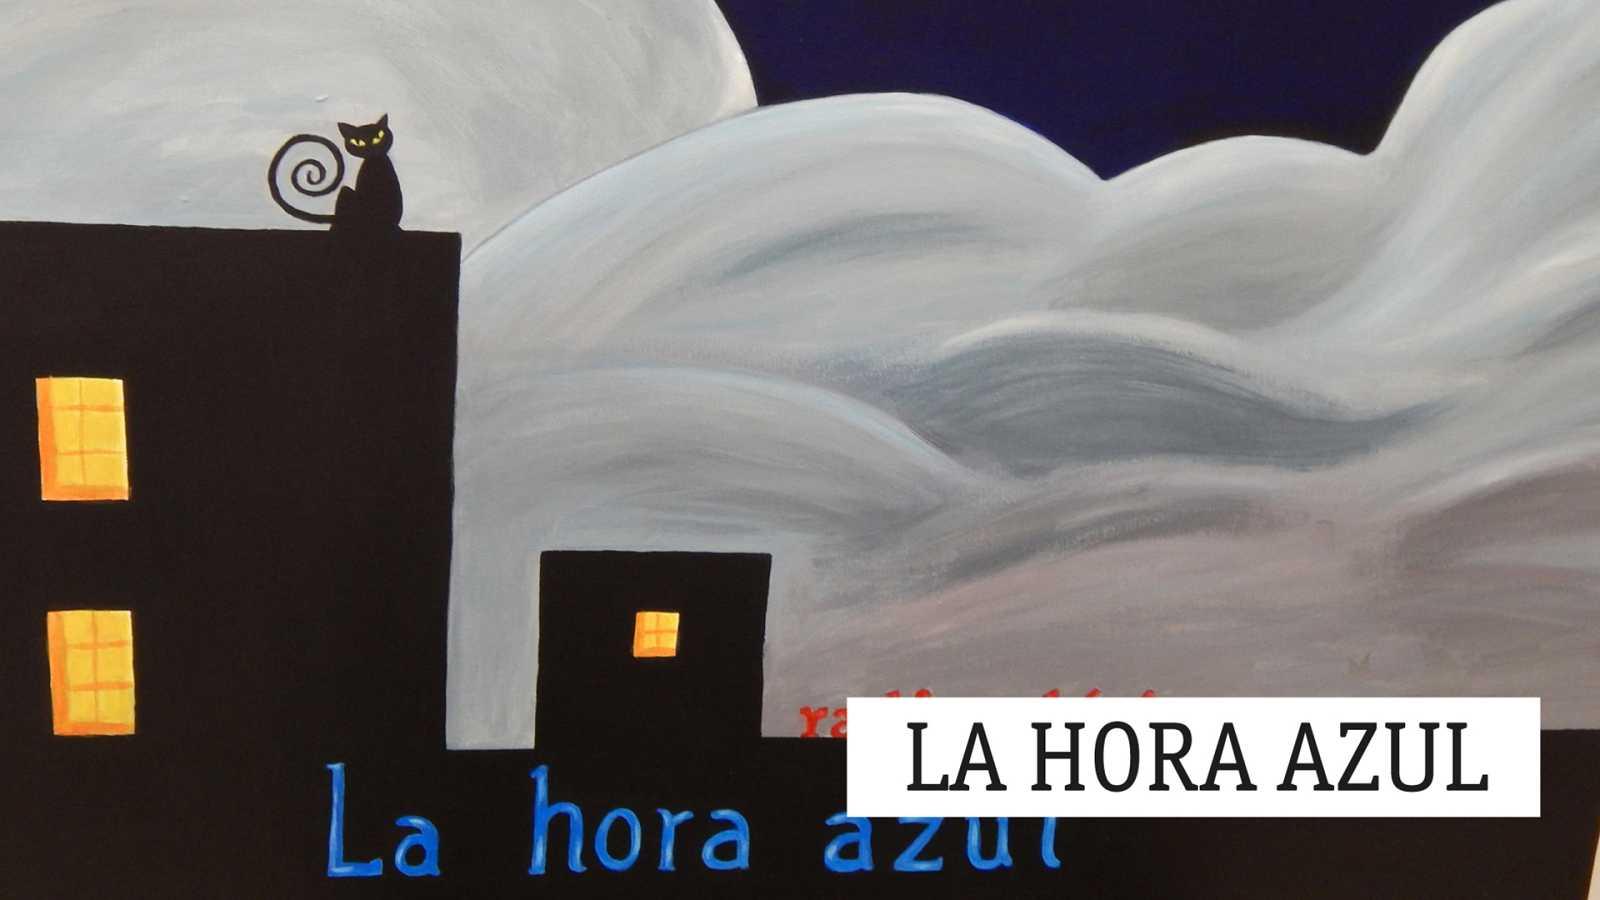 La hora azul - Cádiz, Madrid e Iberoamérica - 22/05/20 - escuchar ahora